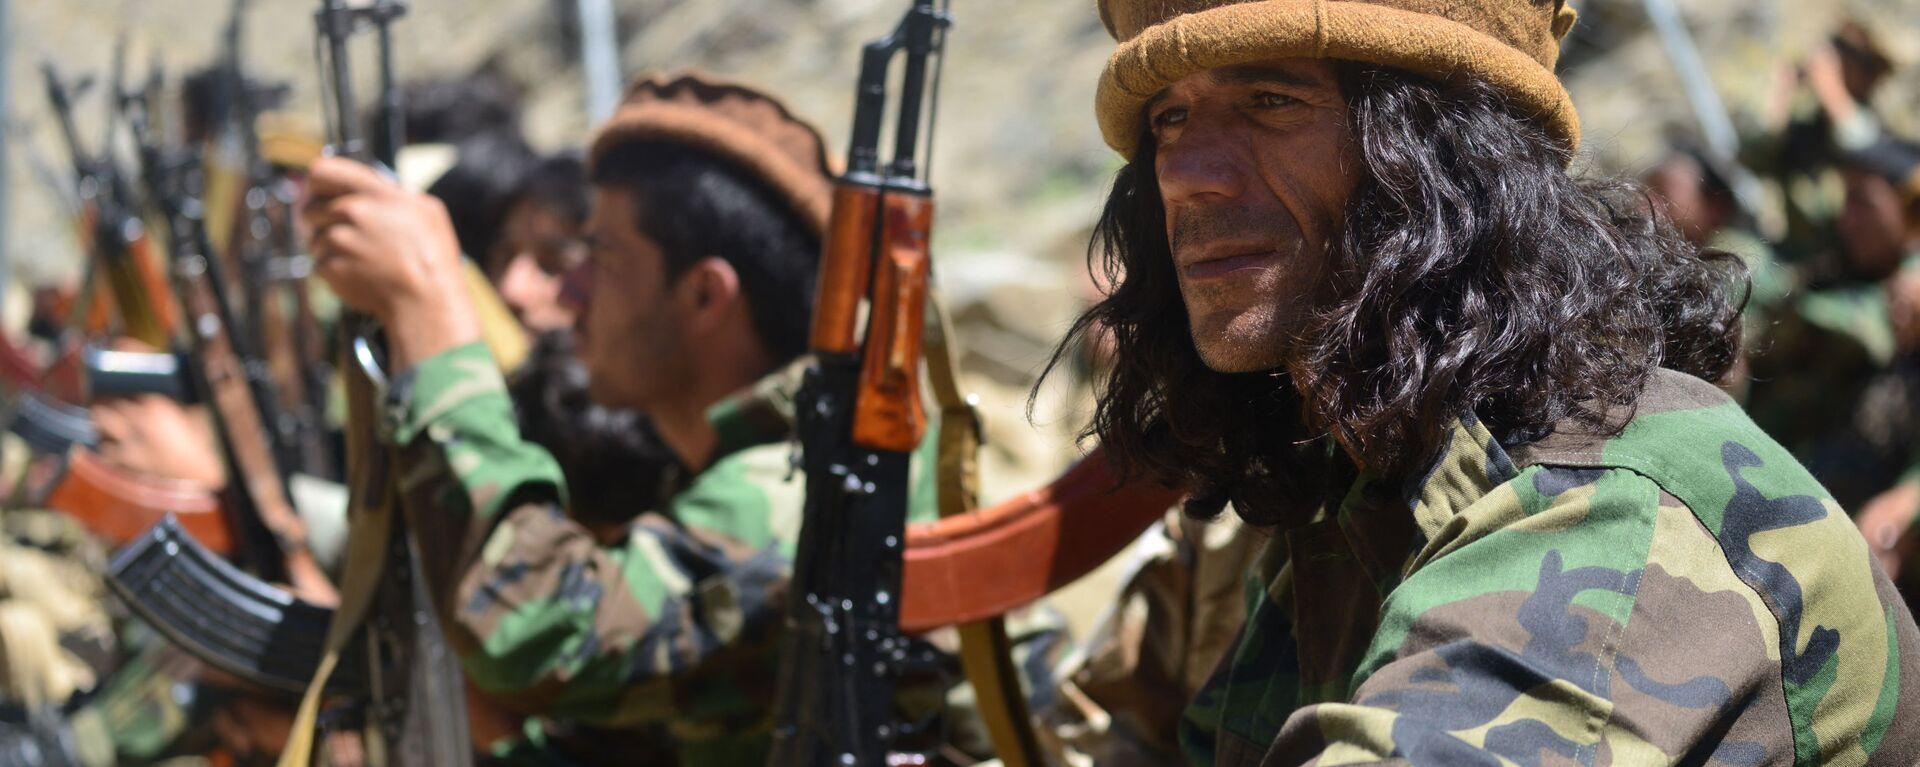 Движение афганского сопротивления на страже в провинции Панджшер - Sputnik Таджикистан, 1920, 03.09.2021